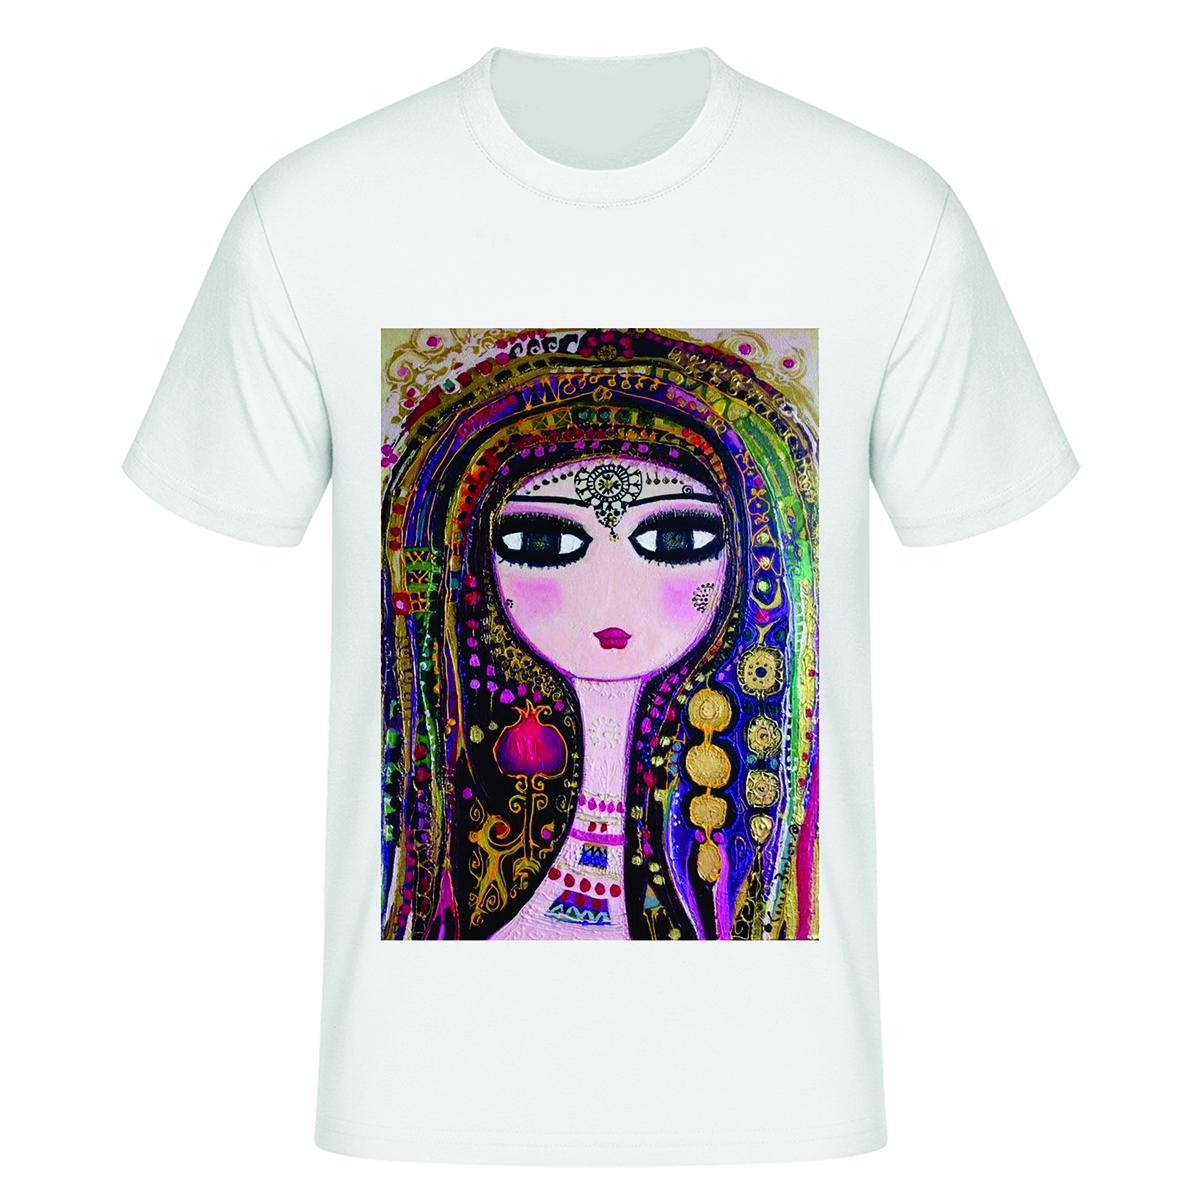 تی شرت آستین کوتاه زنانه مدل شب یلدا کد tps50